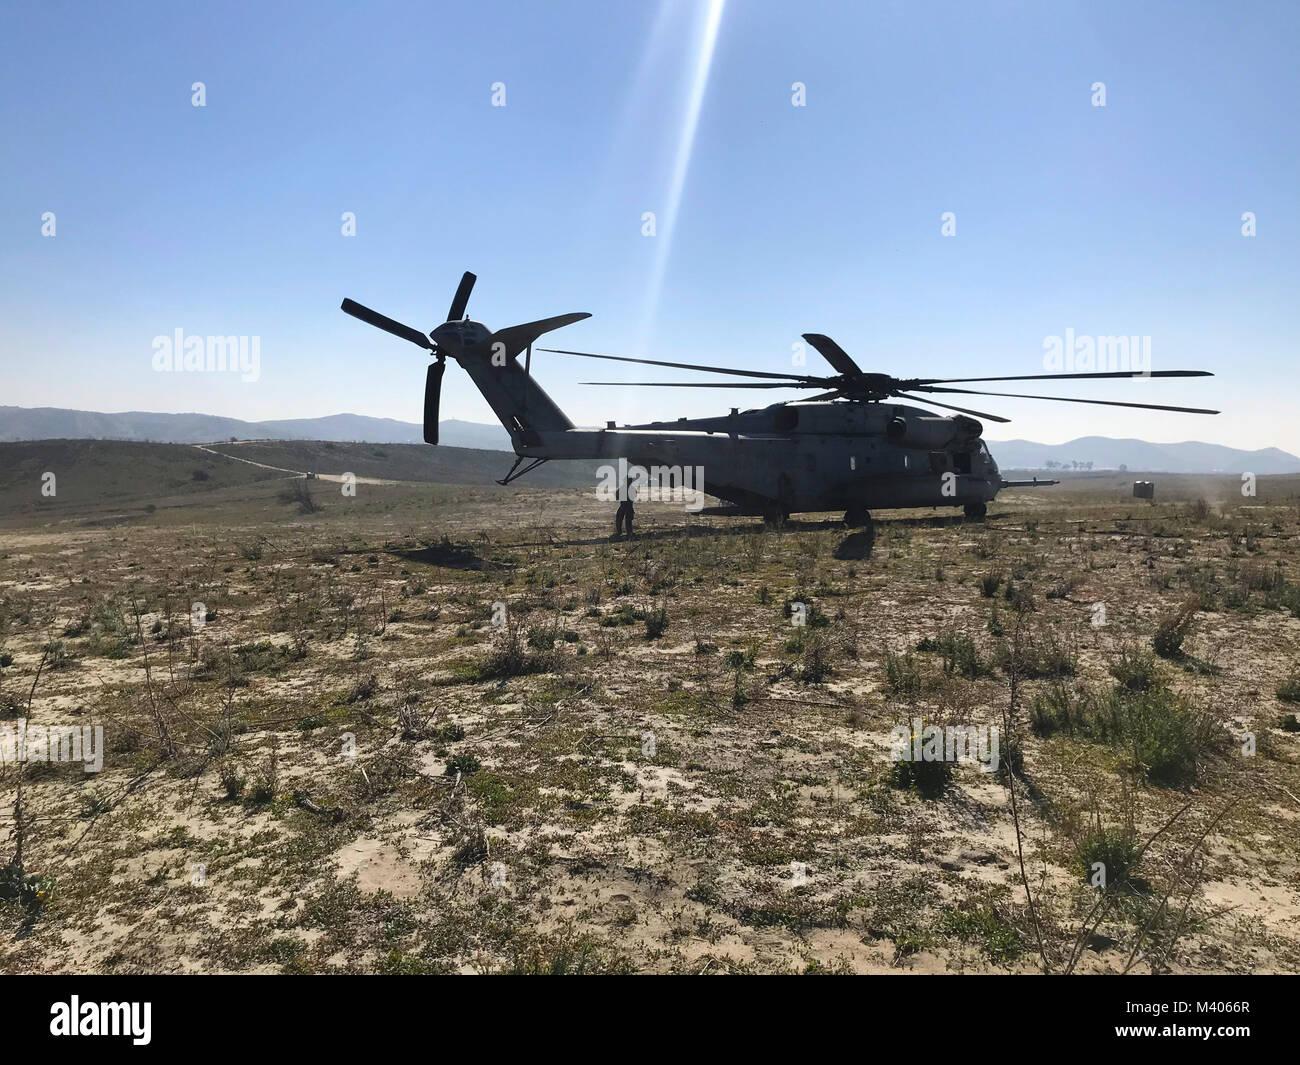 Sgt. Adam Collins, un CH-53E capo equipaggio con Marine elicottero pesante Squadron (HMH) 465, si prepara a caricare il primo stick di ponticelli durante il paracadute e operazioni di volo con la prima ricognizione marina battaglione al Marine Corps base Camp Pendleton, California, 6 feb. Durante il paracadute e operazioni di salto, la massa elemento di combattimento e l'aviazione elemento di combattimento lavorano insieme per garantire la sicurezza e la missione la realizzazione durante il corso di formazione. (U.S. Marine Corps foto di Sgt. David Bickel/rilasciato) Foto Stock